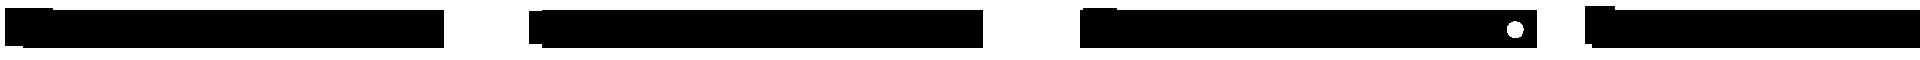 Tarja-Topo